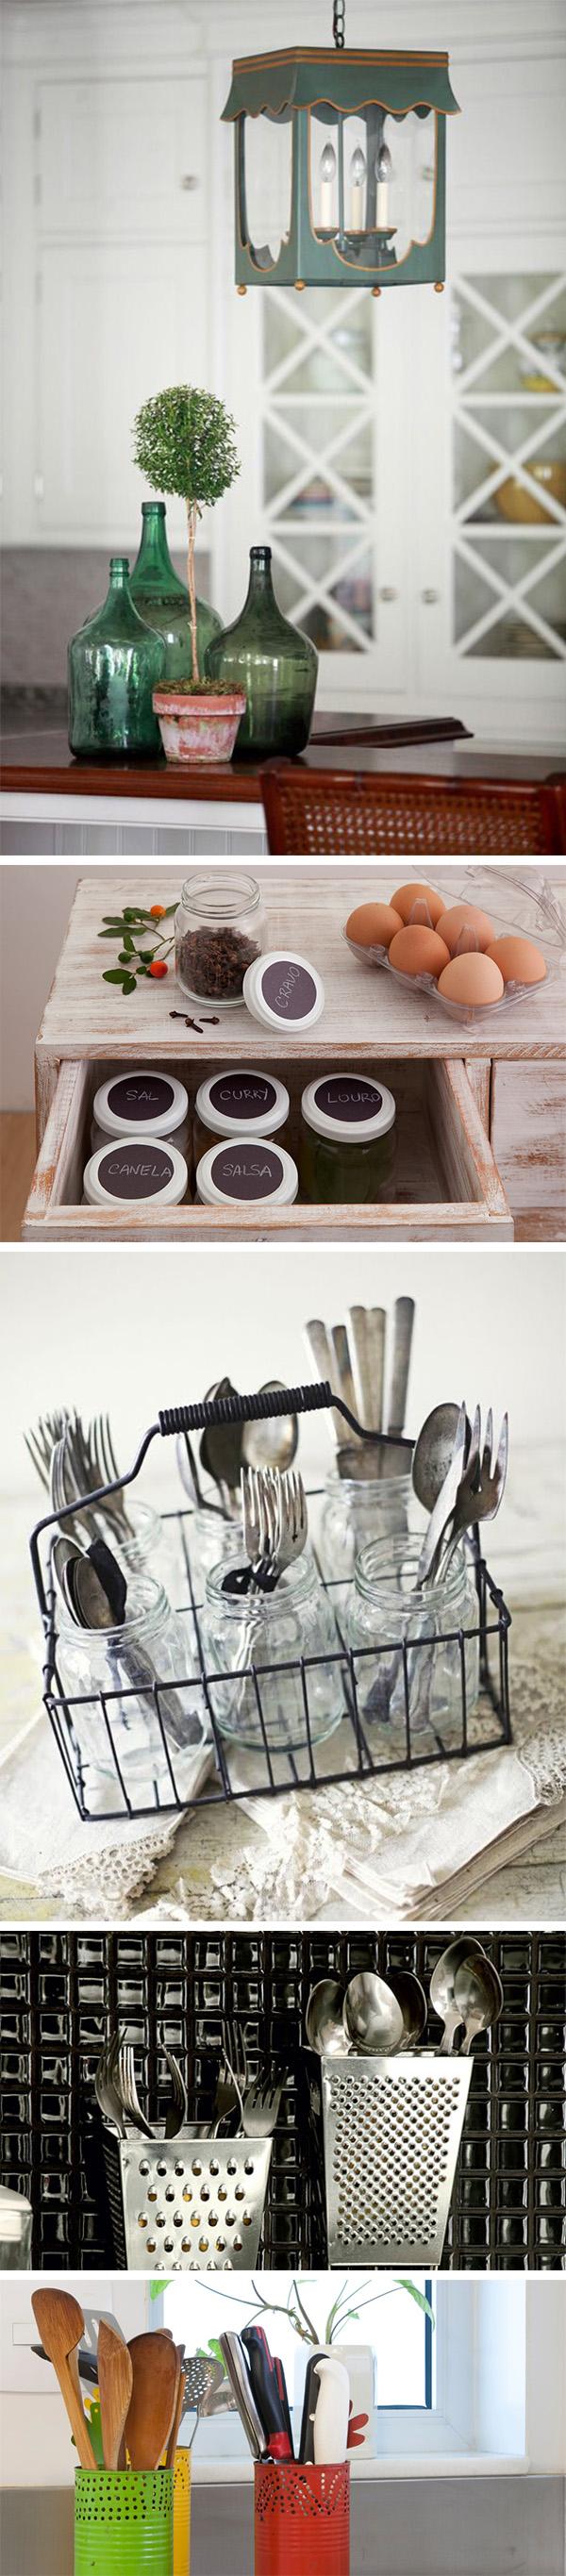 Ideias econômicas para decorar a cozinha 4